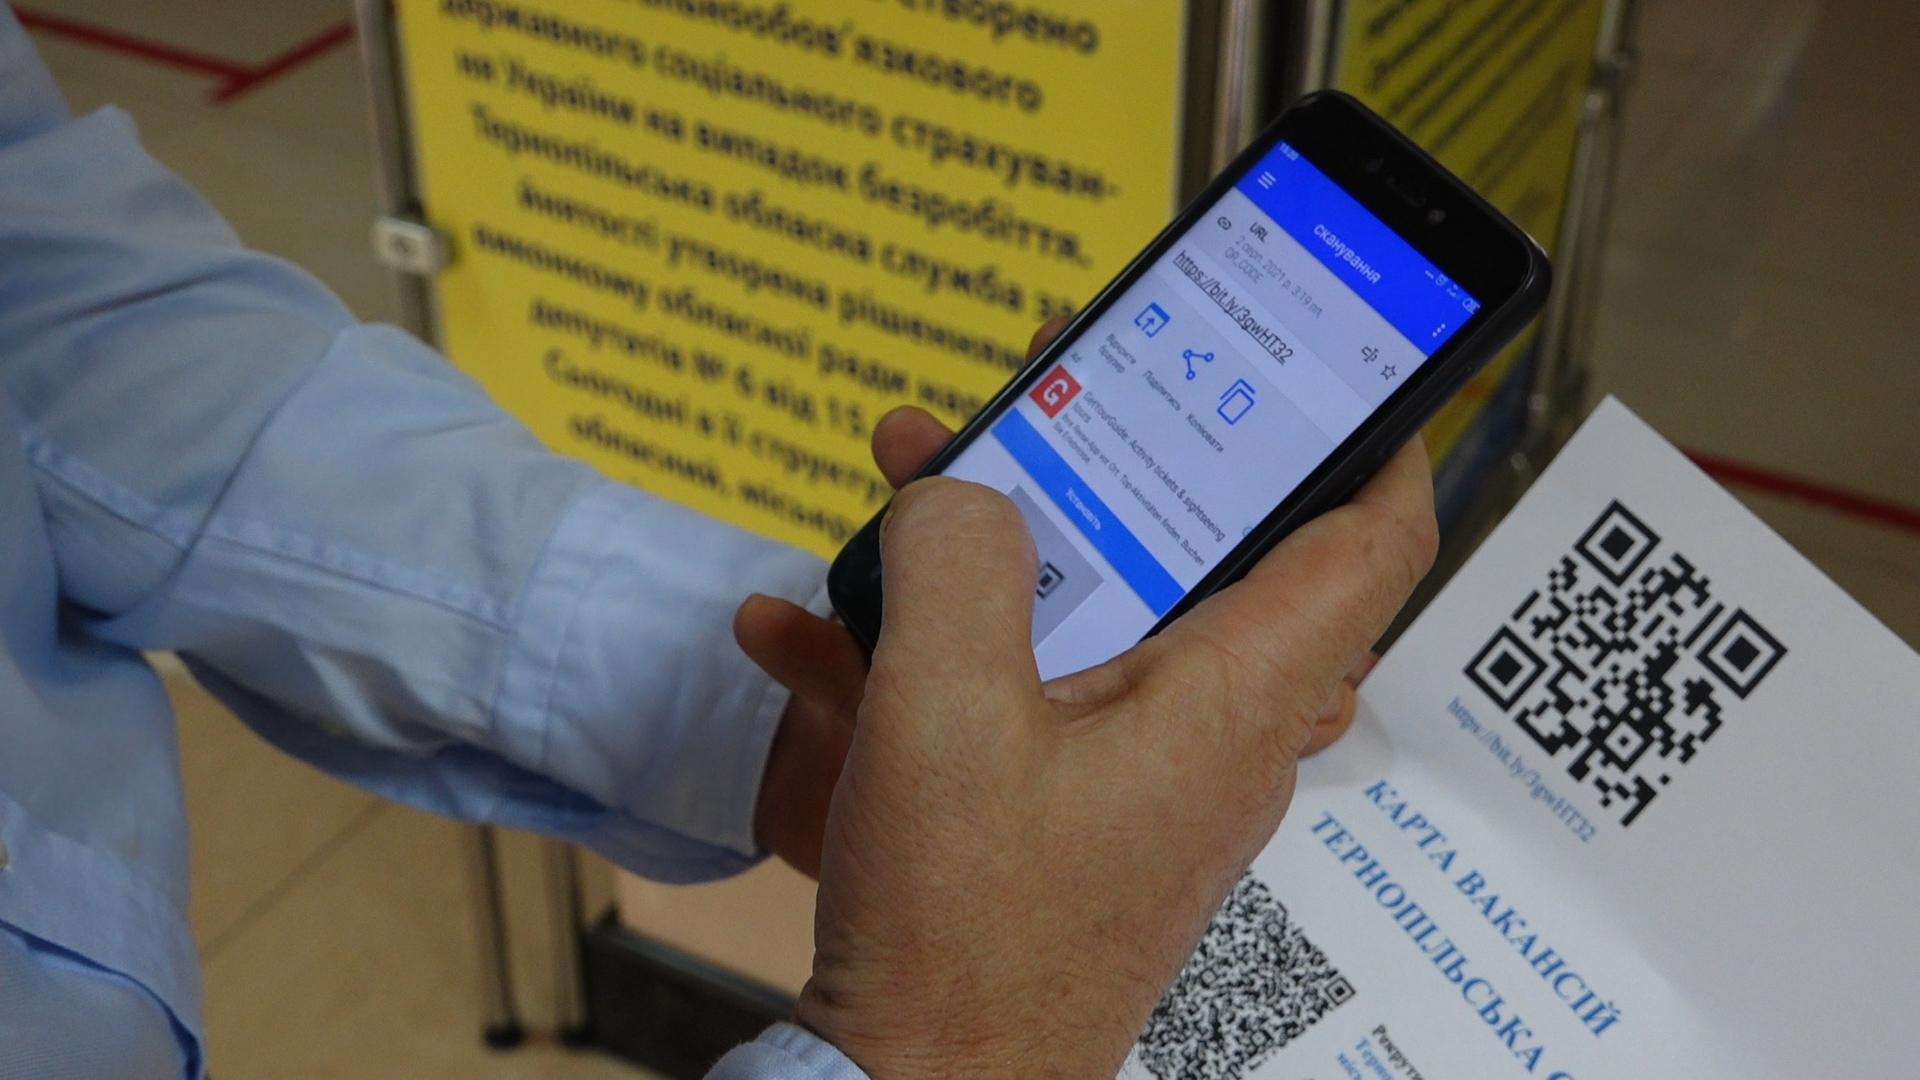 Вакансії, вимоги, зарплата: жителі Тернопільщини можуть знайти роботу на онлайн-карті